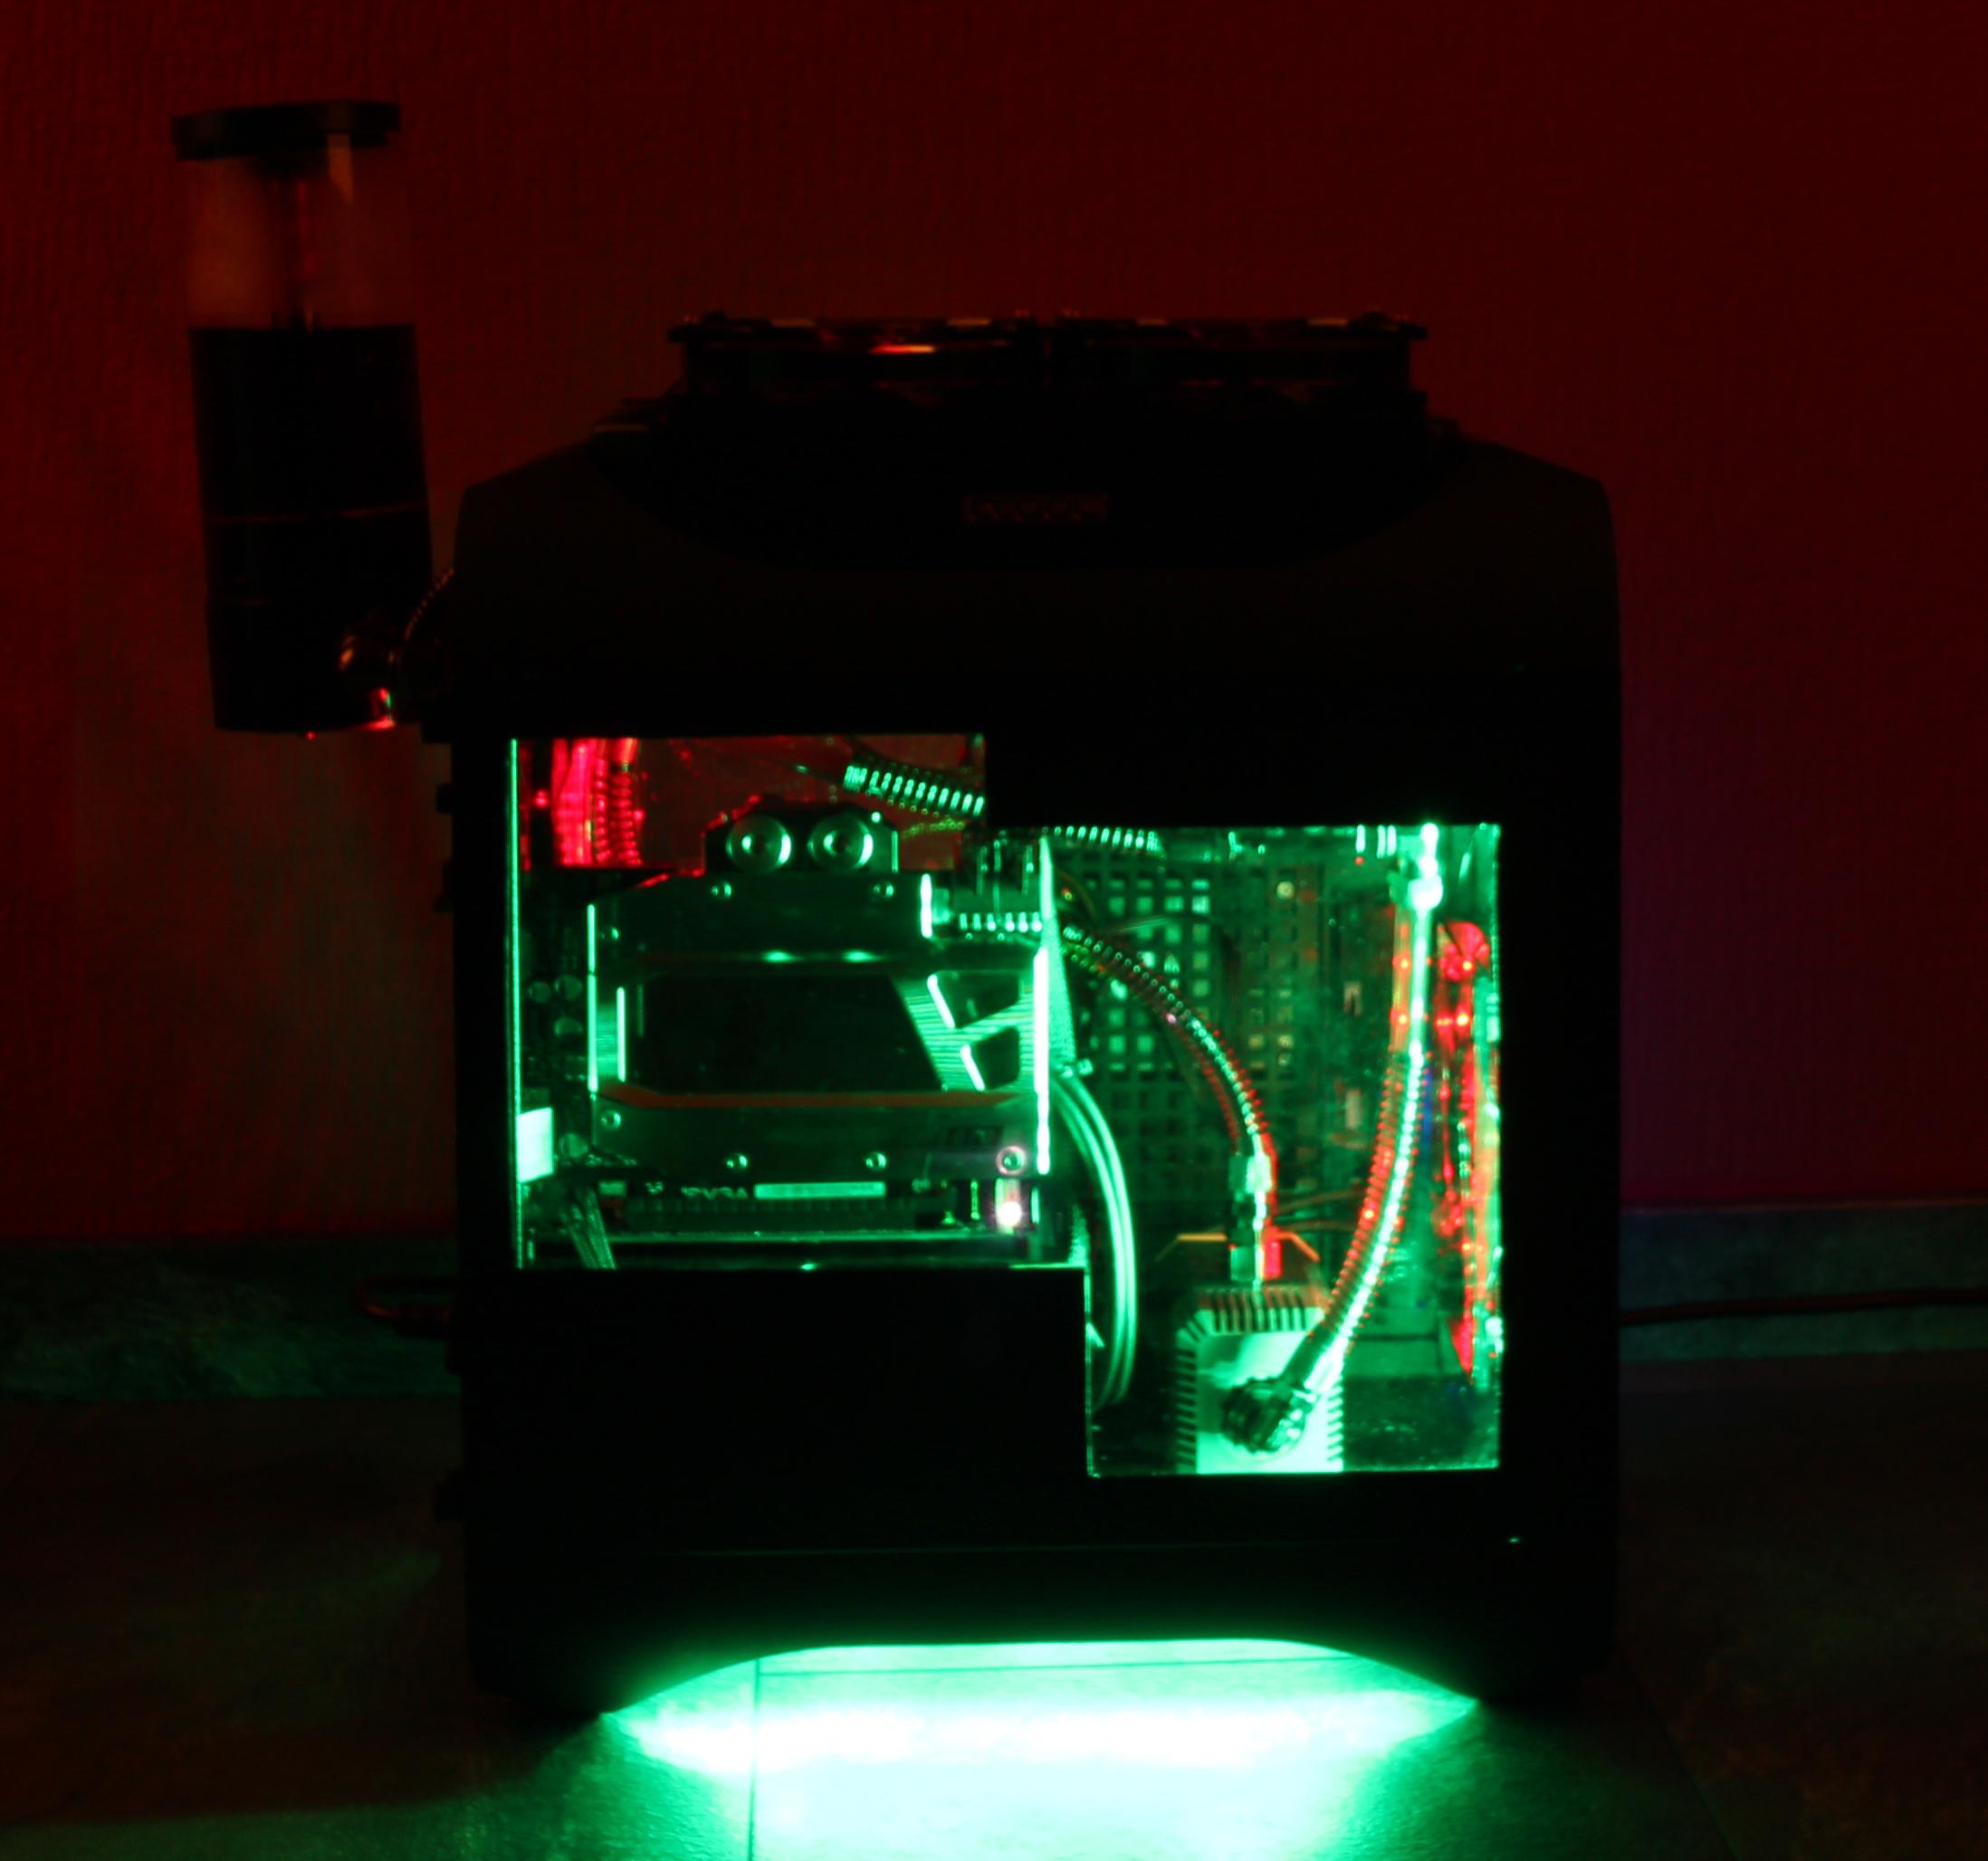 Bitfenix Mini-ITX Wassermod-img_9536.jpg